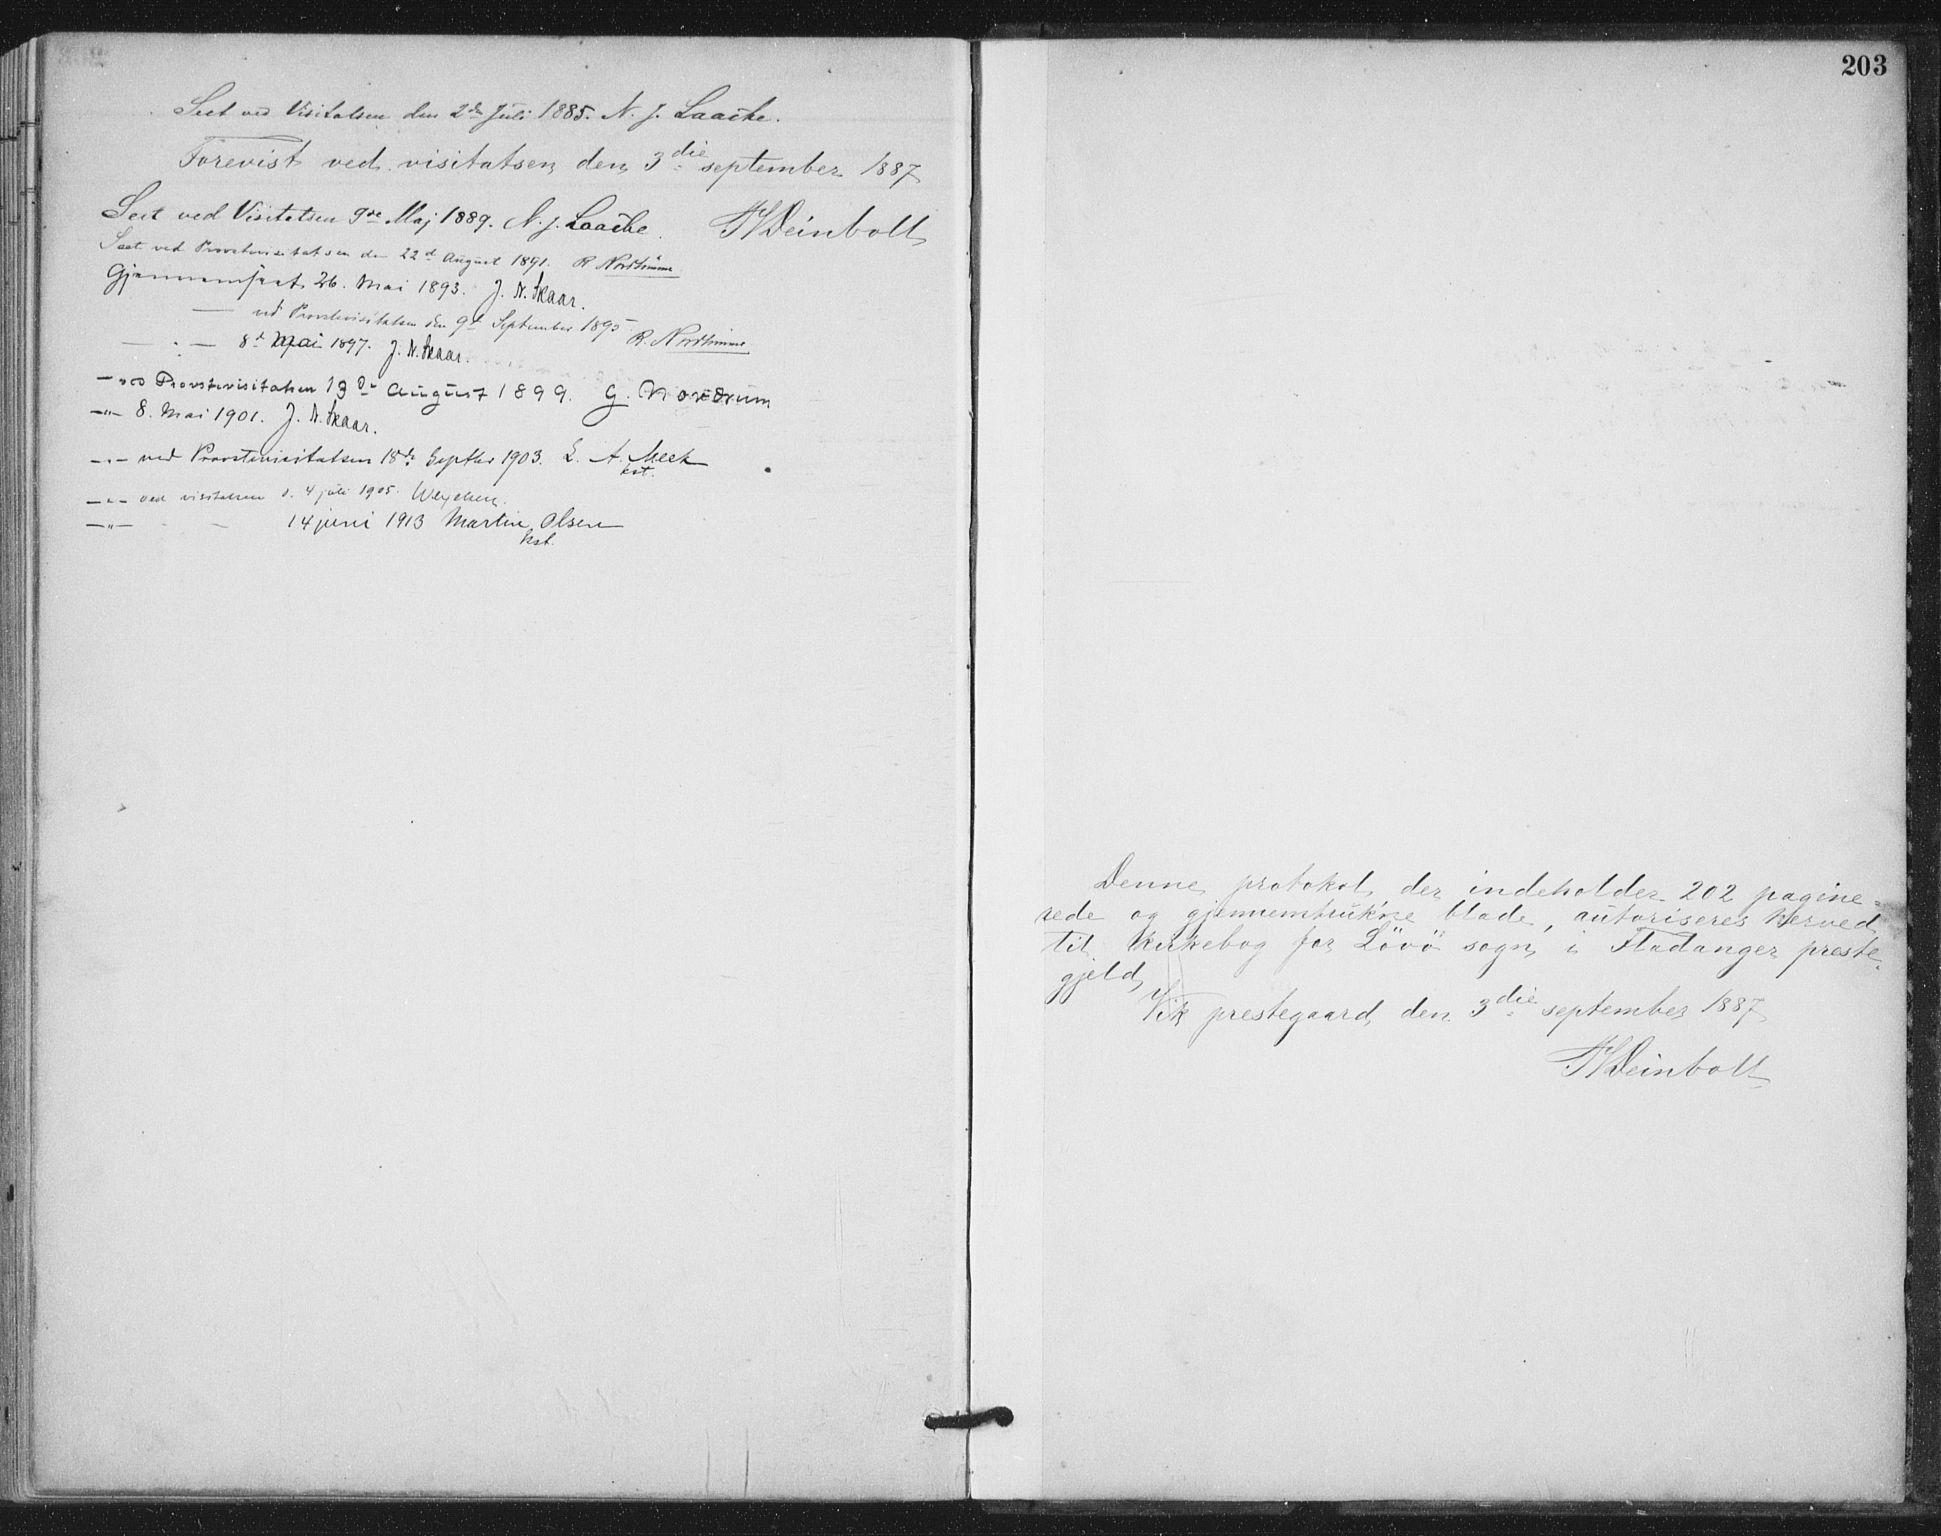 SAT, Ministerialprotokoller, klokkerbøker og fødselsregistre - Nord-Trøndelag, 772/L0603: Ministerialbok nr. 772A01, 1885-1912, s. 203